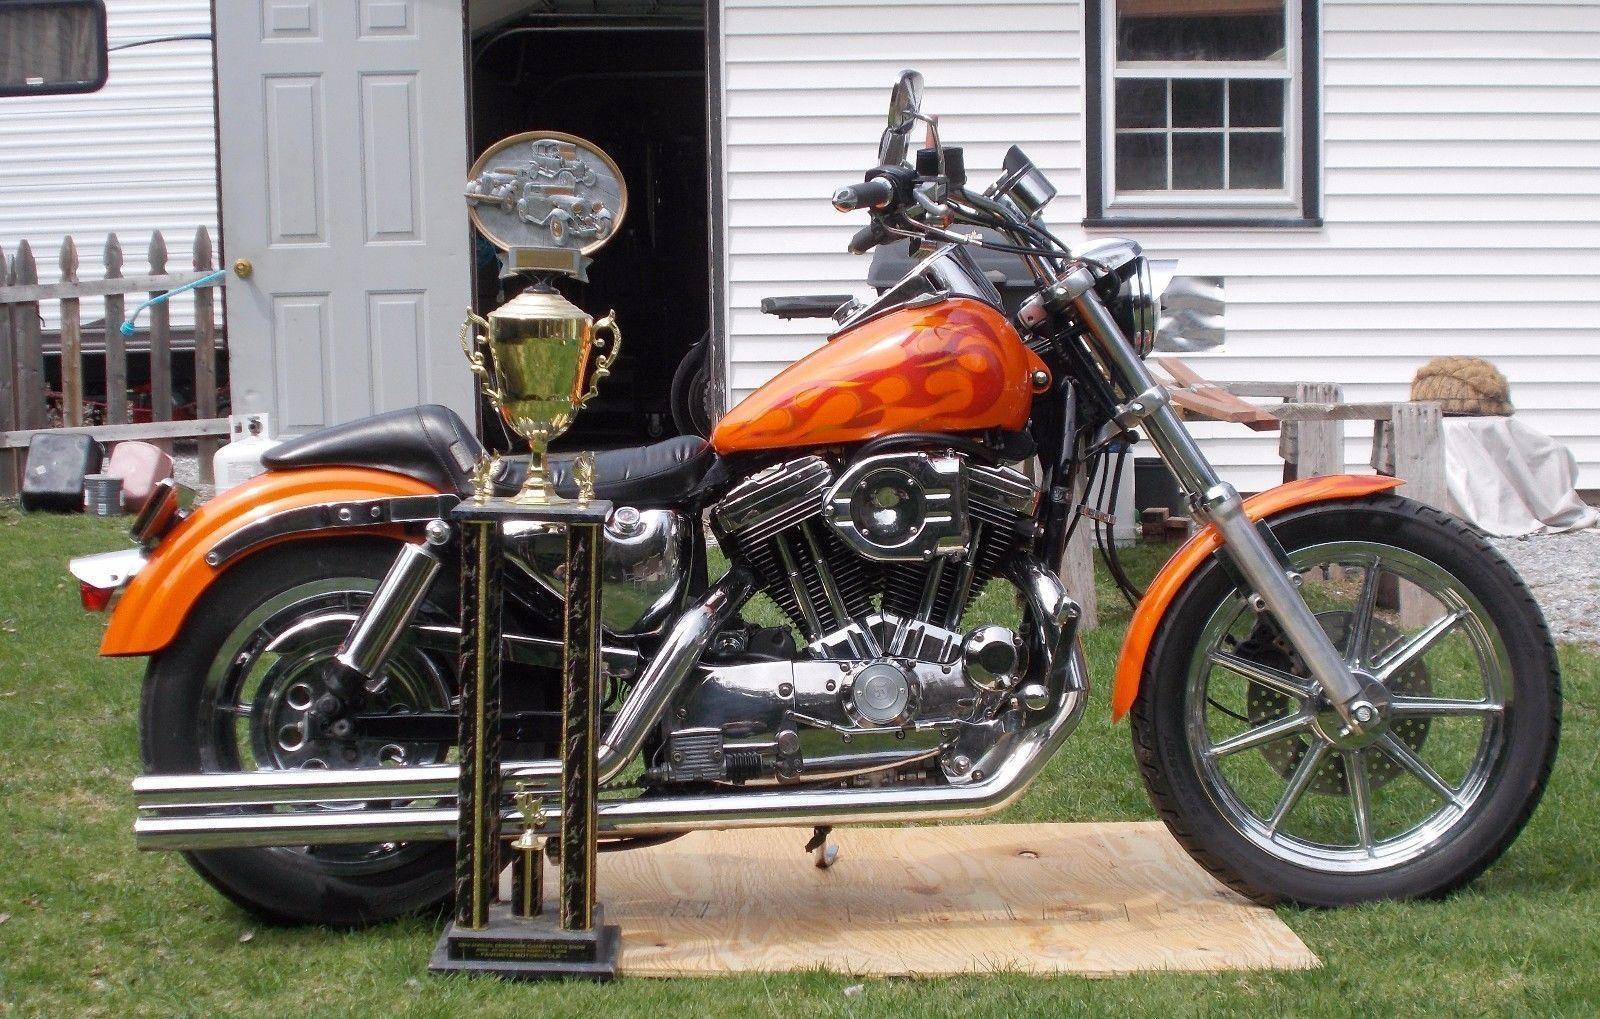 EBay 1991 Harley Davidson Sportster XLH 1200 Harleydavidson